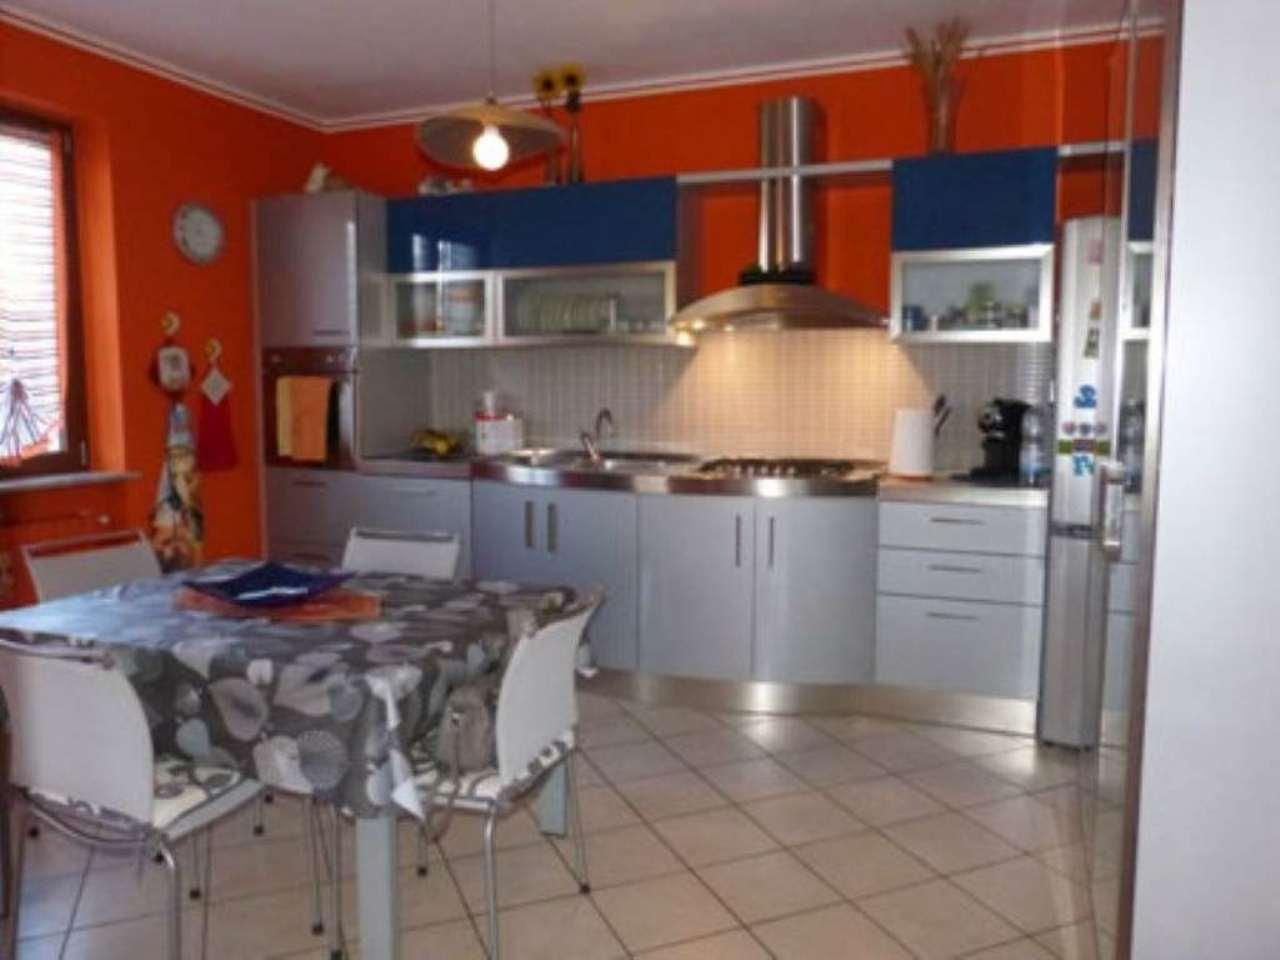 Soluzione Indipendente in vendita a Fossano, 5 locali, prezzo € 298.000 | Cambio Casa.it